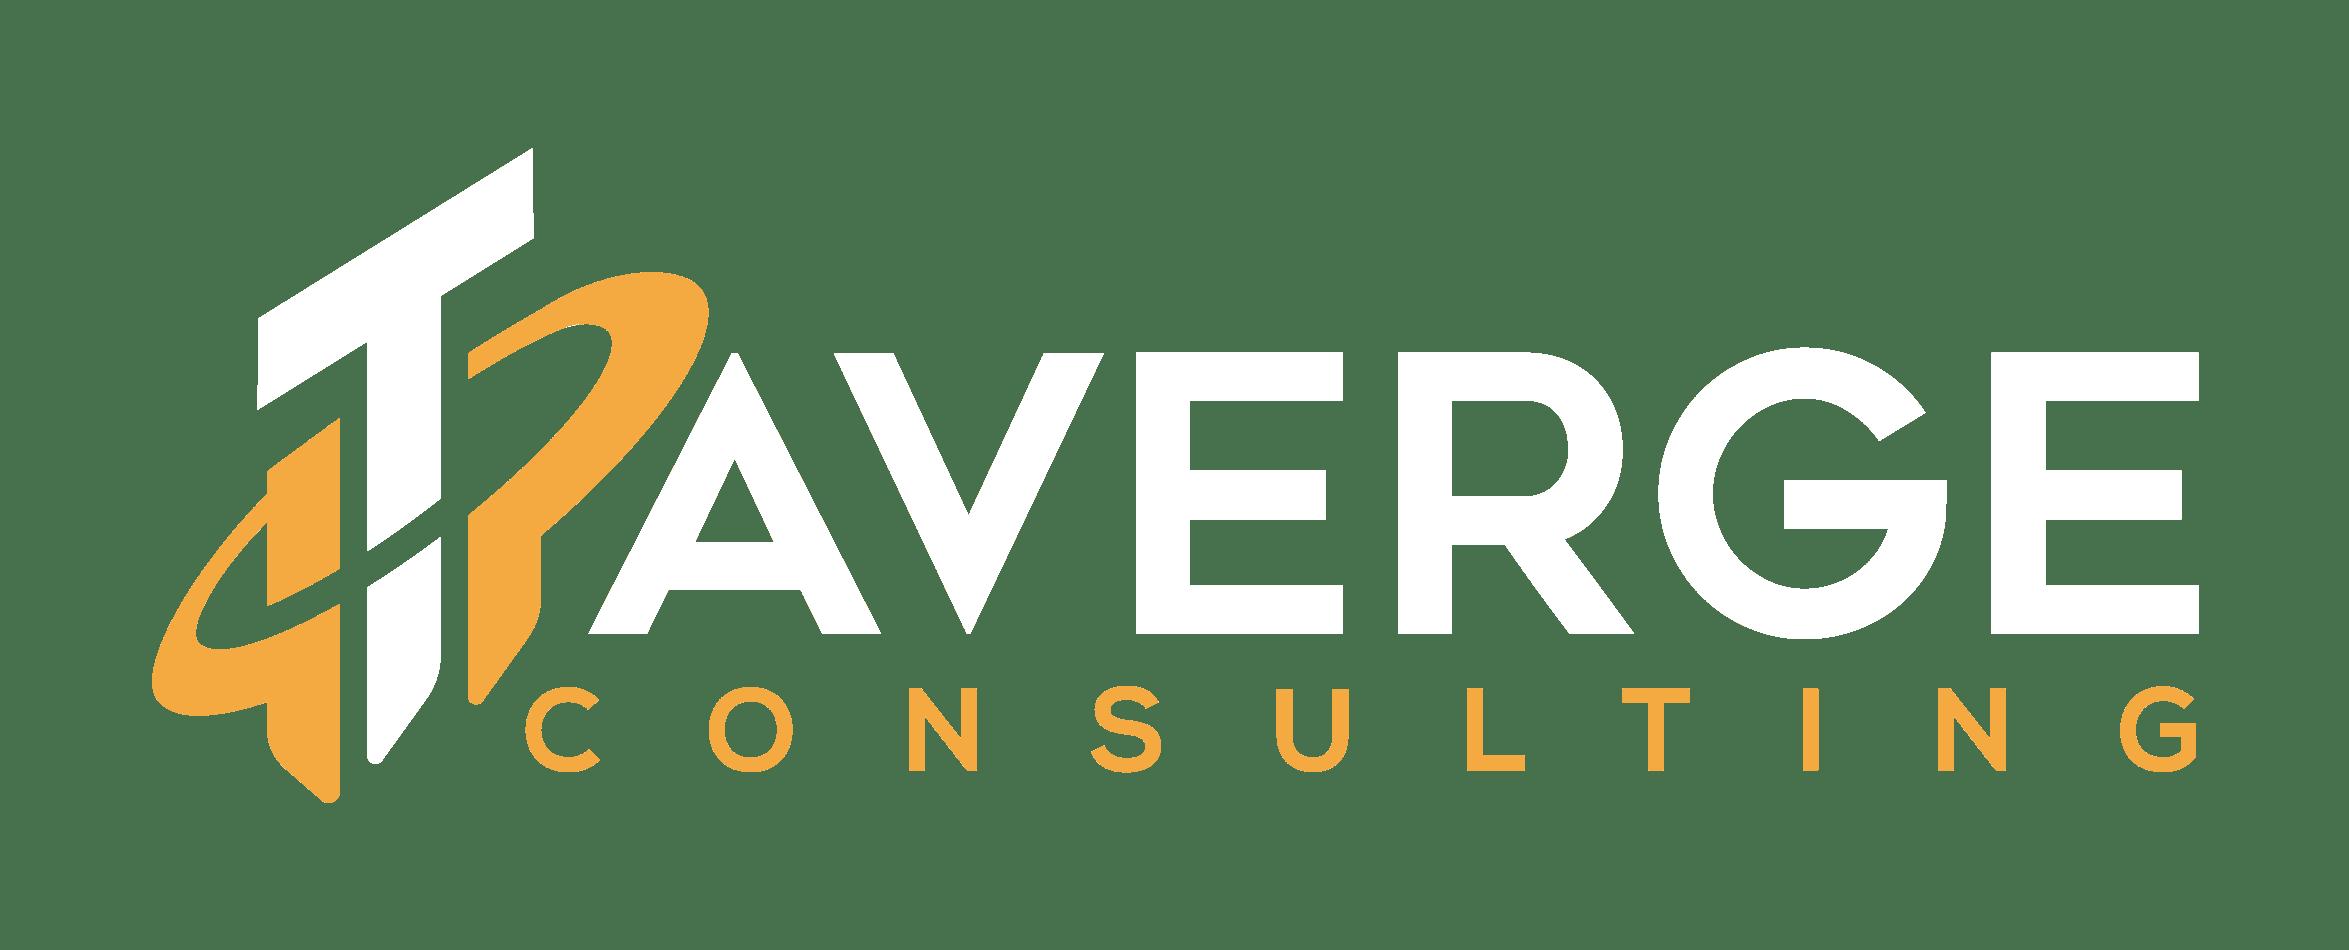 Taverge Consulting